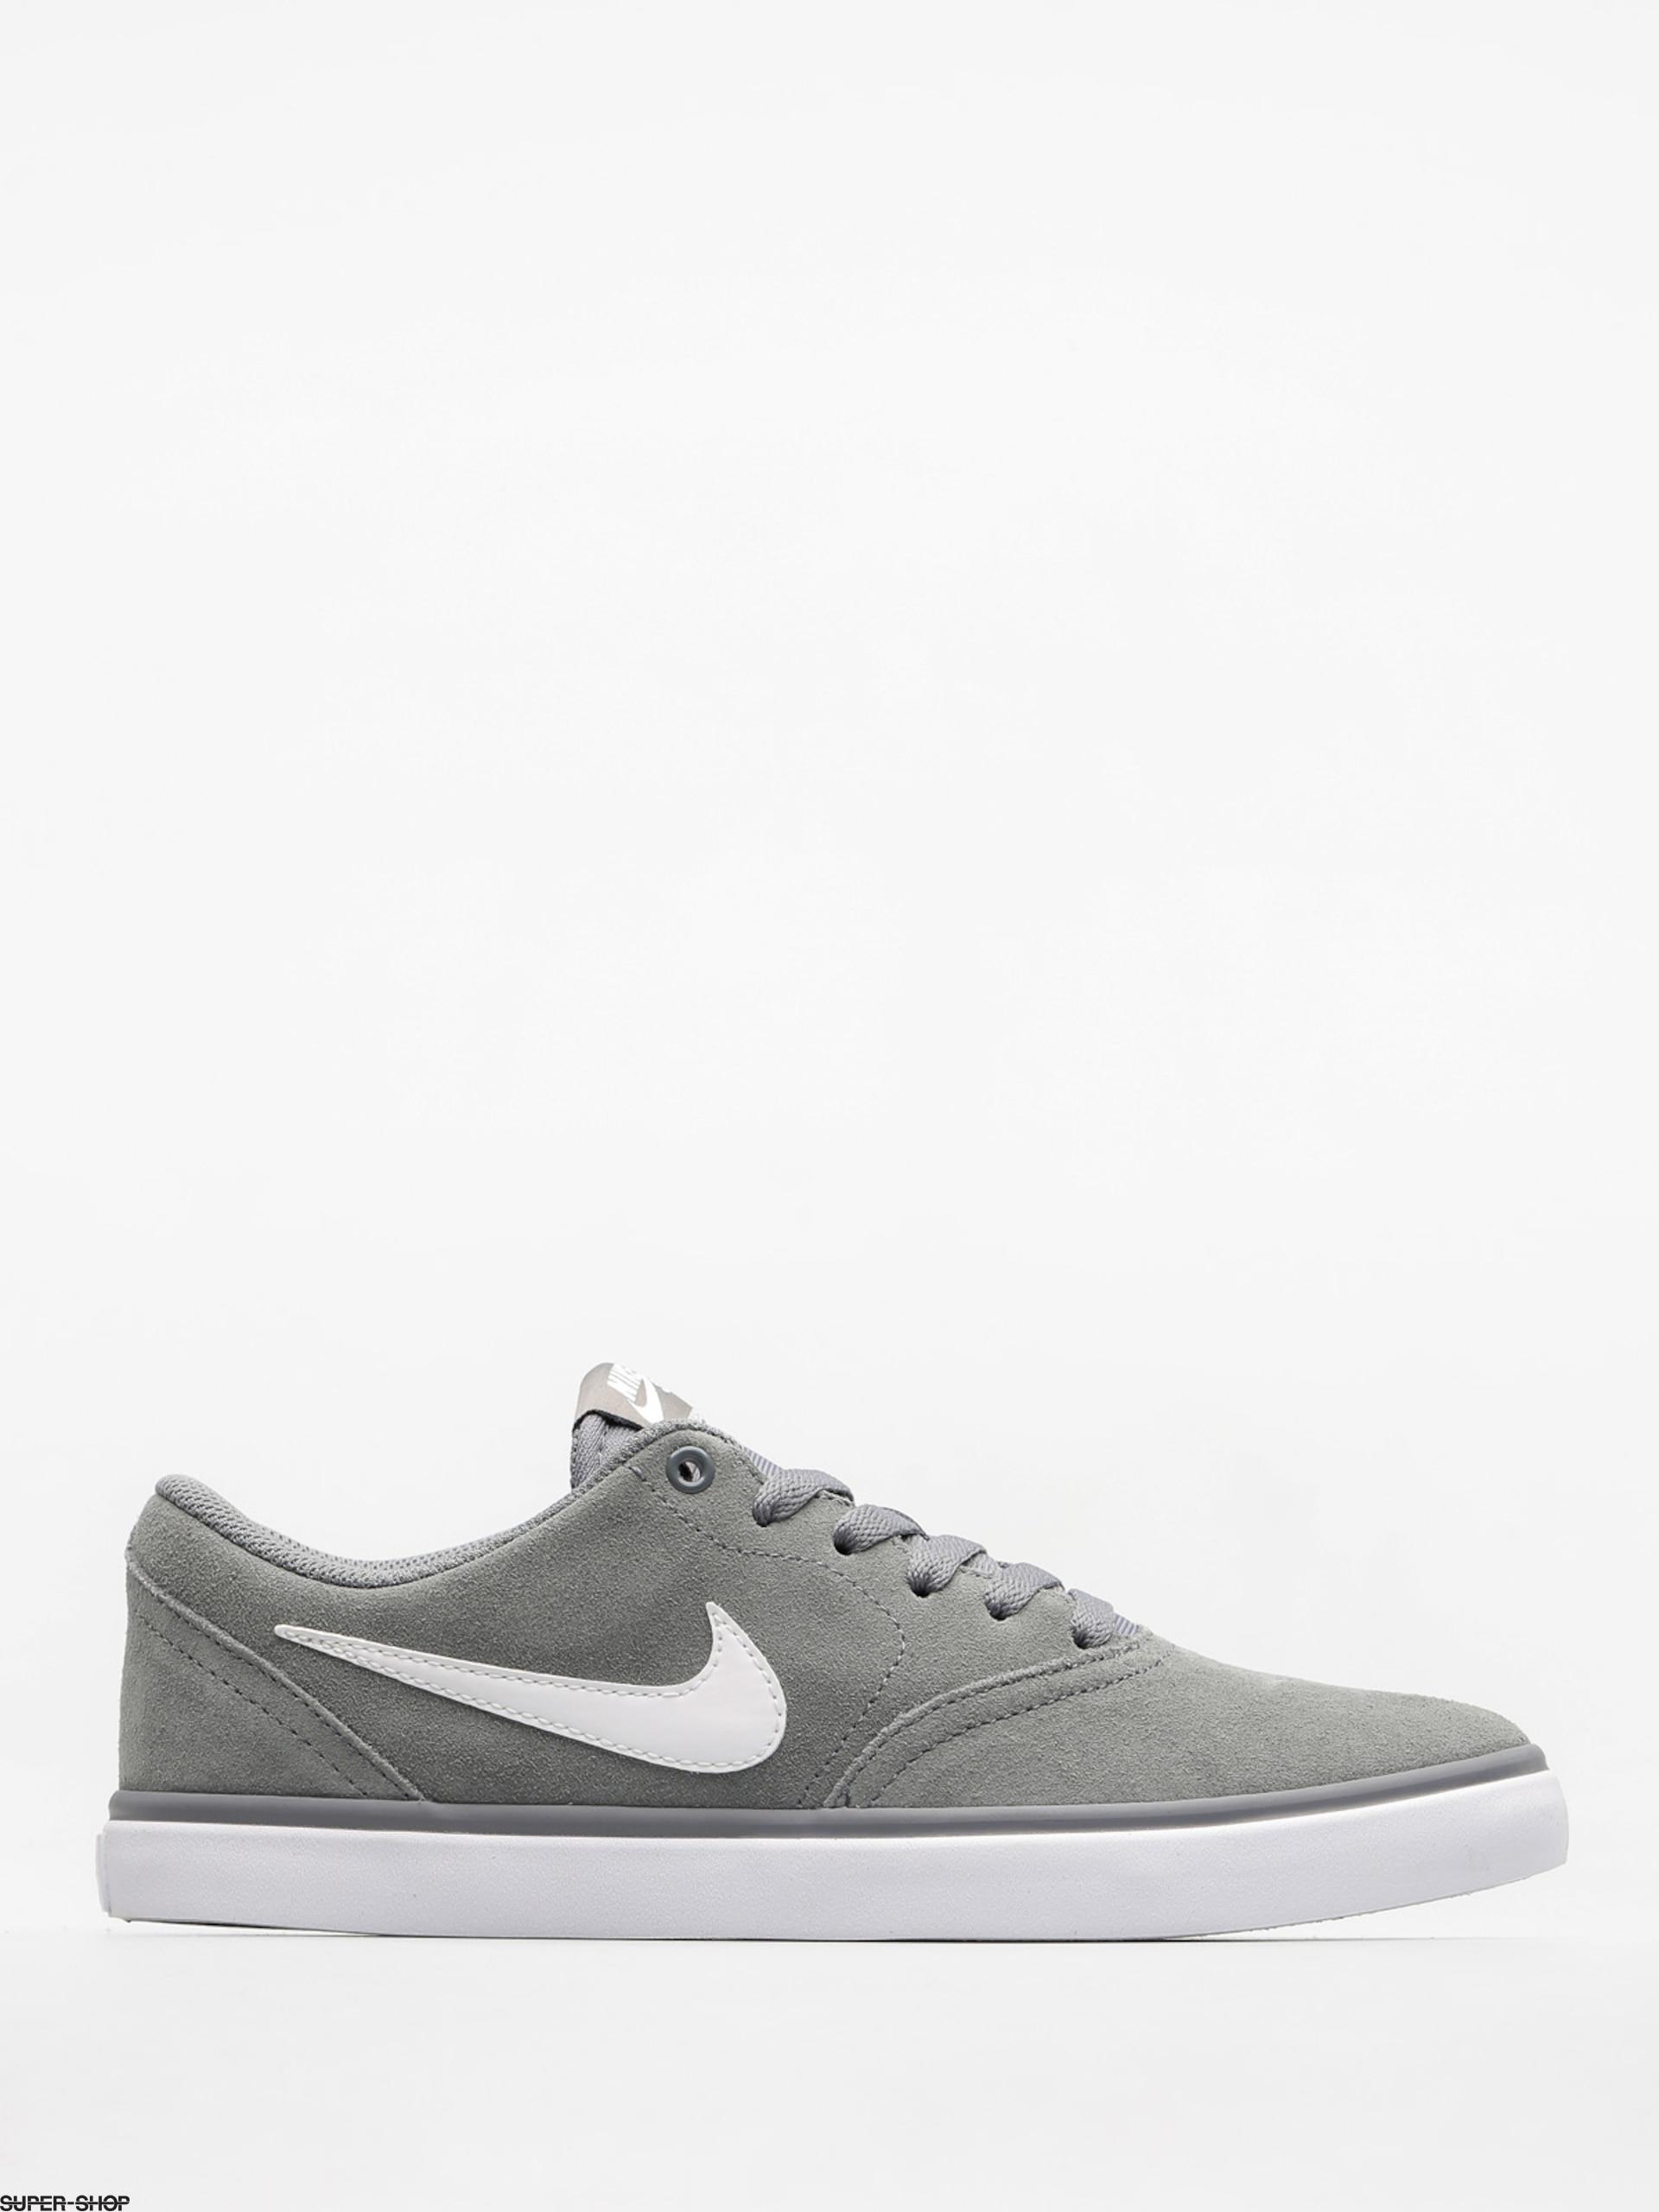 Nike Solarcool Greywhite Shoes Check Sb w8XPn0Ok